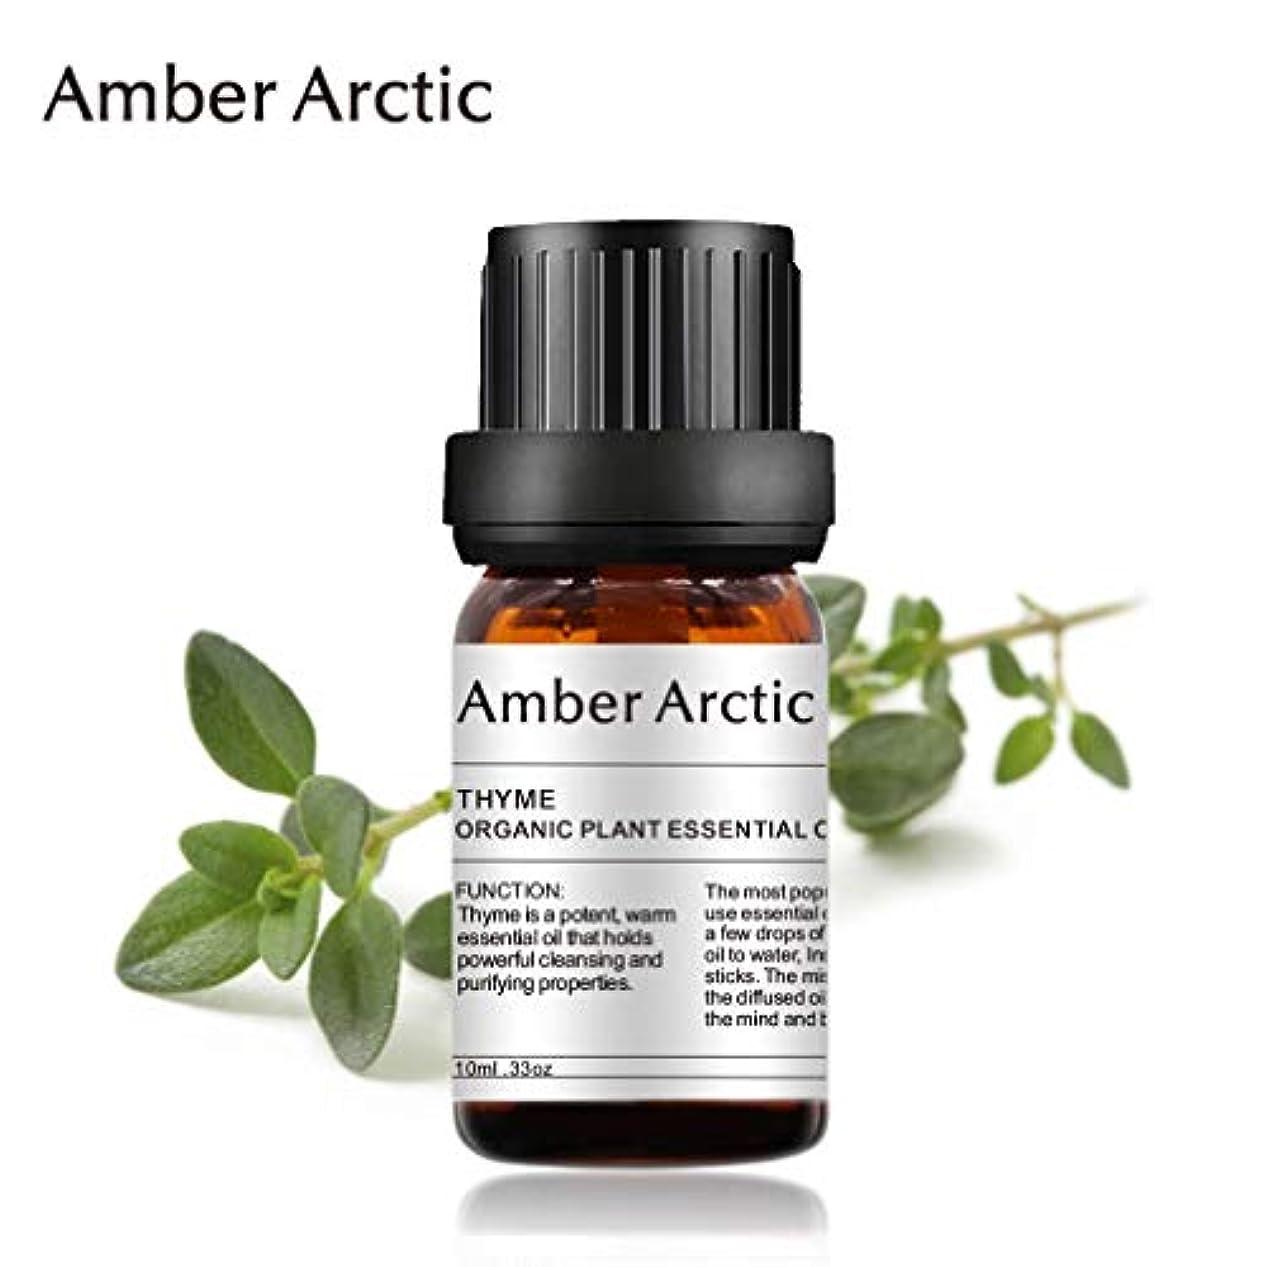 マニア旋律的旅行AMBER ARCTIC エッセンシャル オイル ディフューザー 用 100% ピュア フレッシュ 有機 植物 療法 オイル 0.33 オンス 10ML タイム